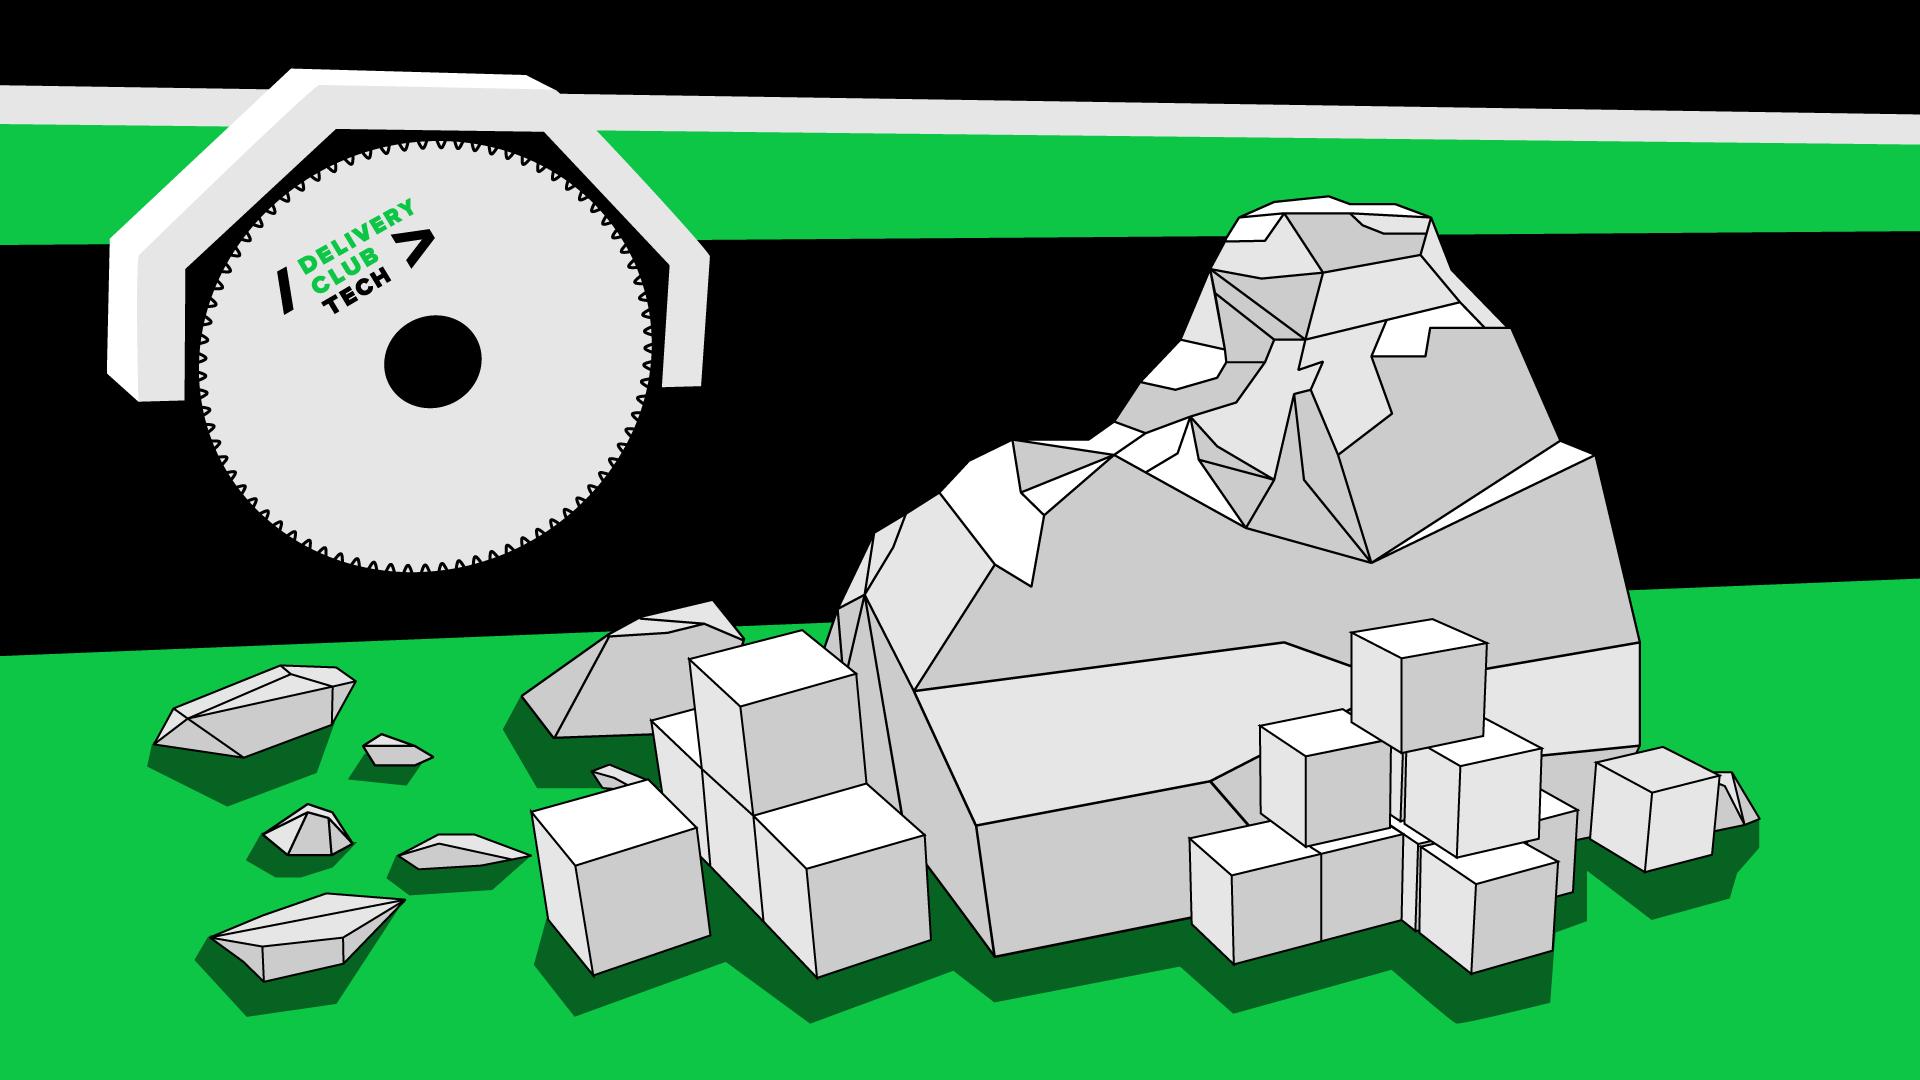 Вначале был монолит: как мы меняем нашу архитектуру, не мешая бизнесу - 1